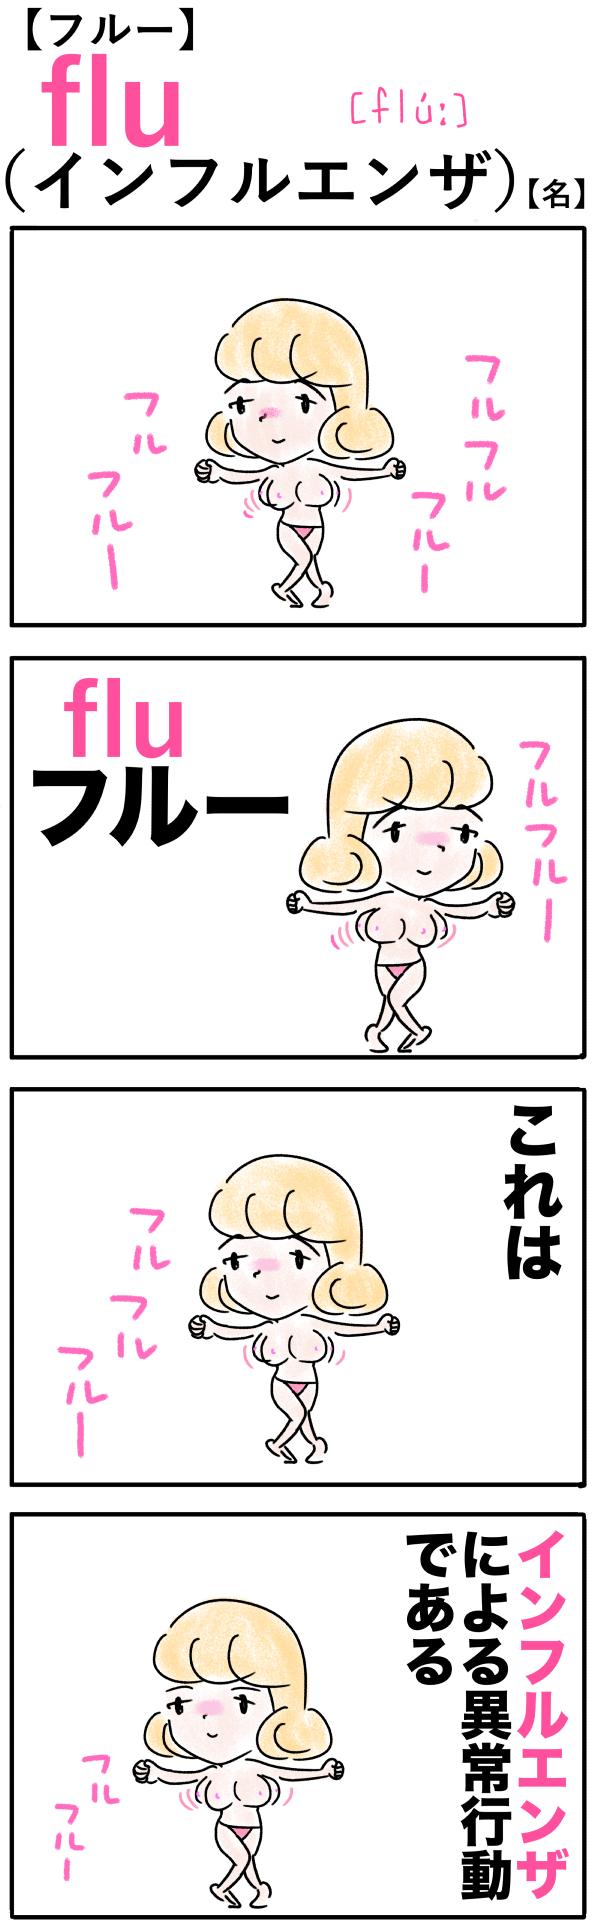 flu(インフルエンザ)の語呂合わせ英単語